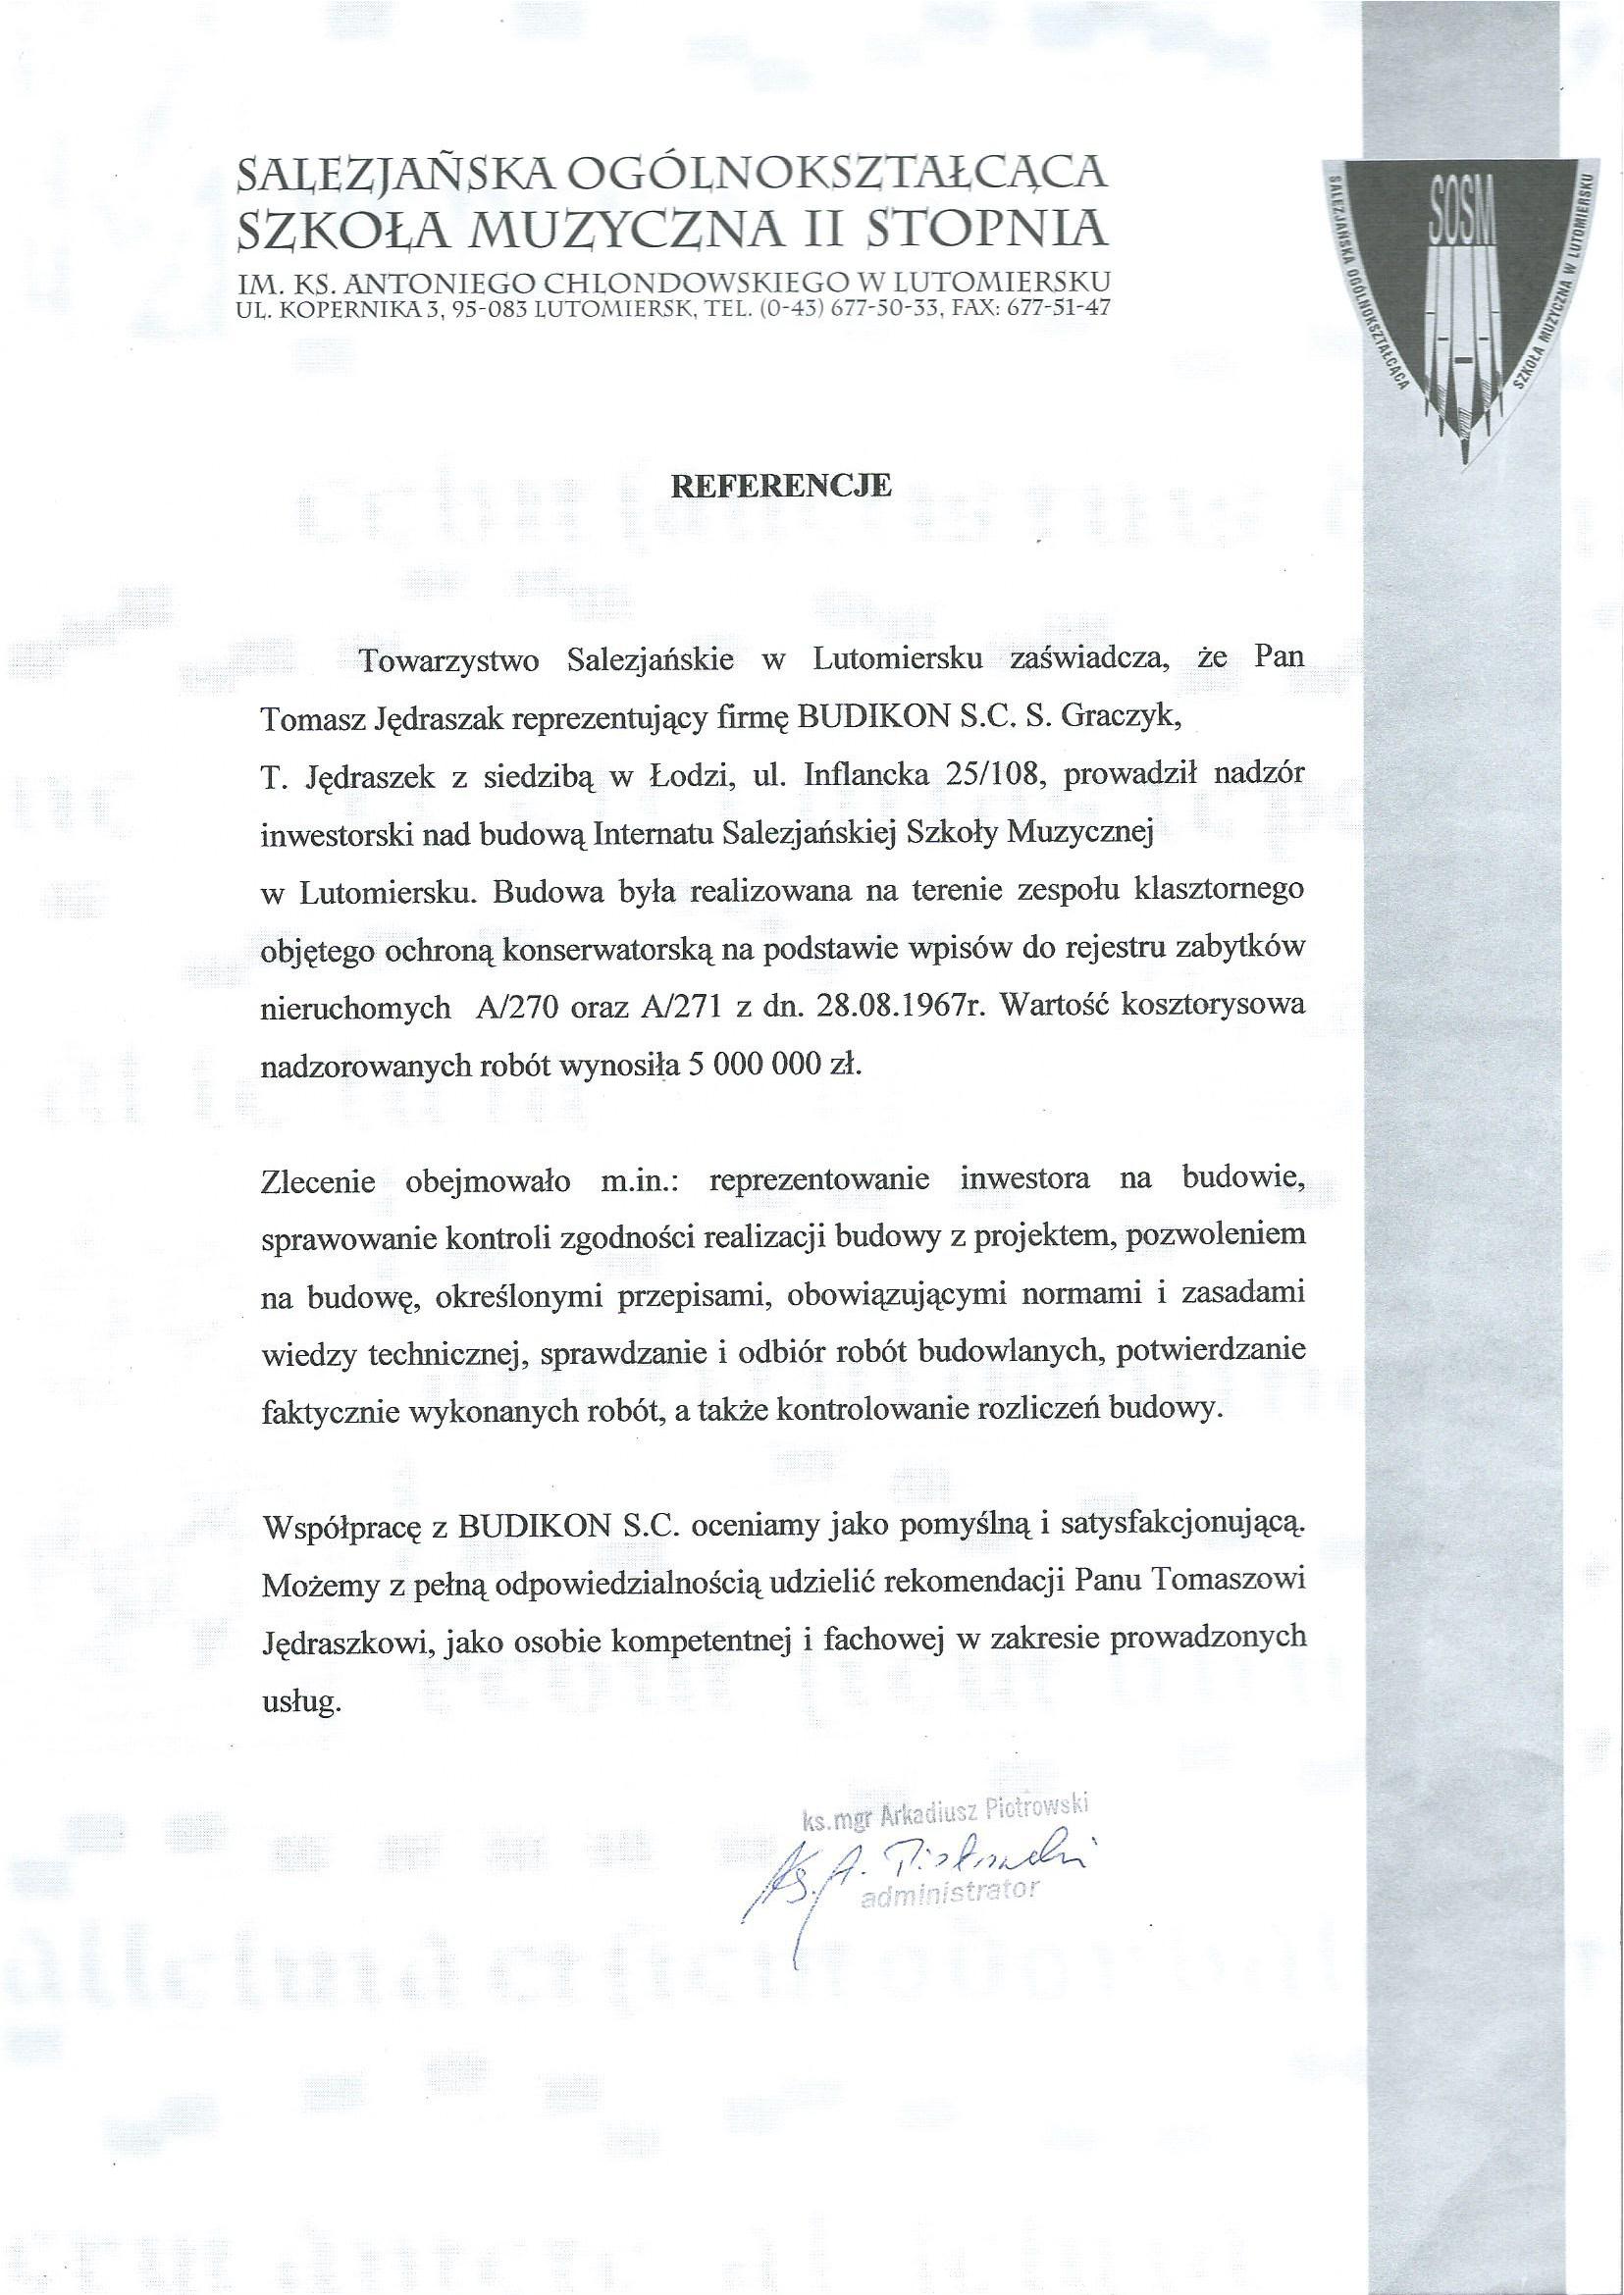 SALEZJAaSKA_SZKOuA_MUZYCZNA_w_LUTOMIERSKU-1